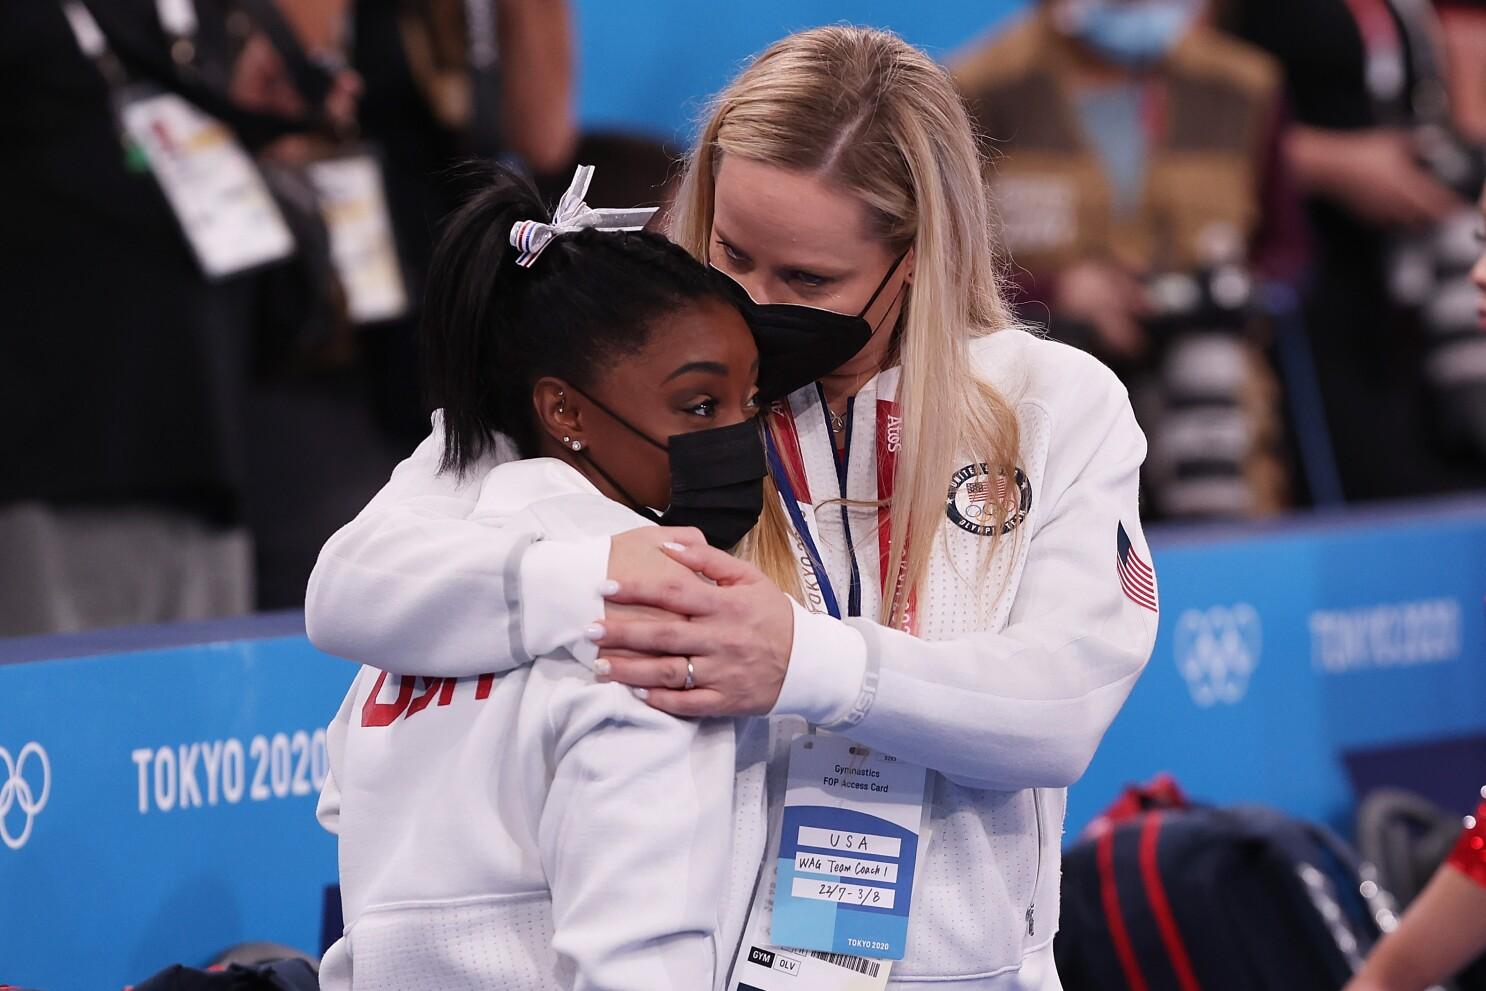 Russia shocks U.S. for gymnastics gold after Simone Biles withdraws - The San Diego Union-Tribune